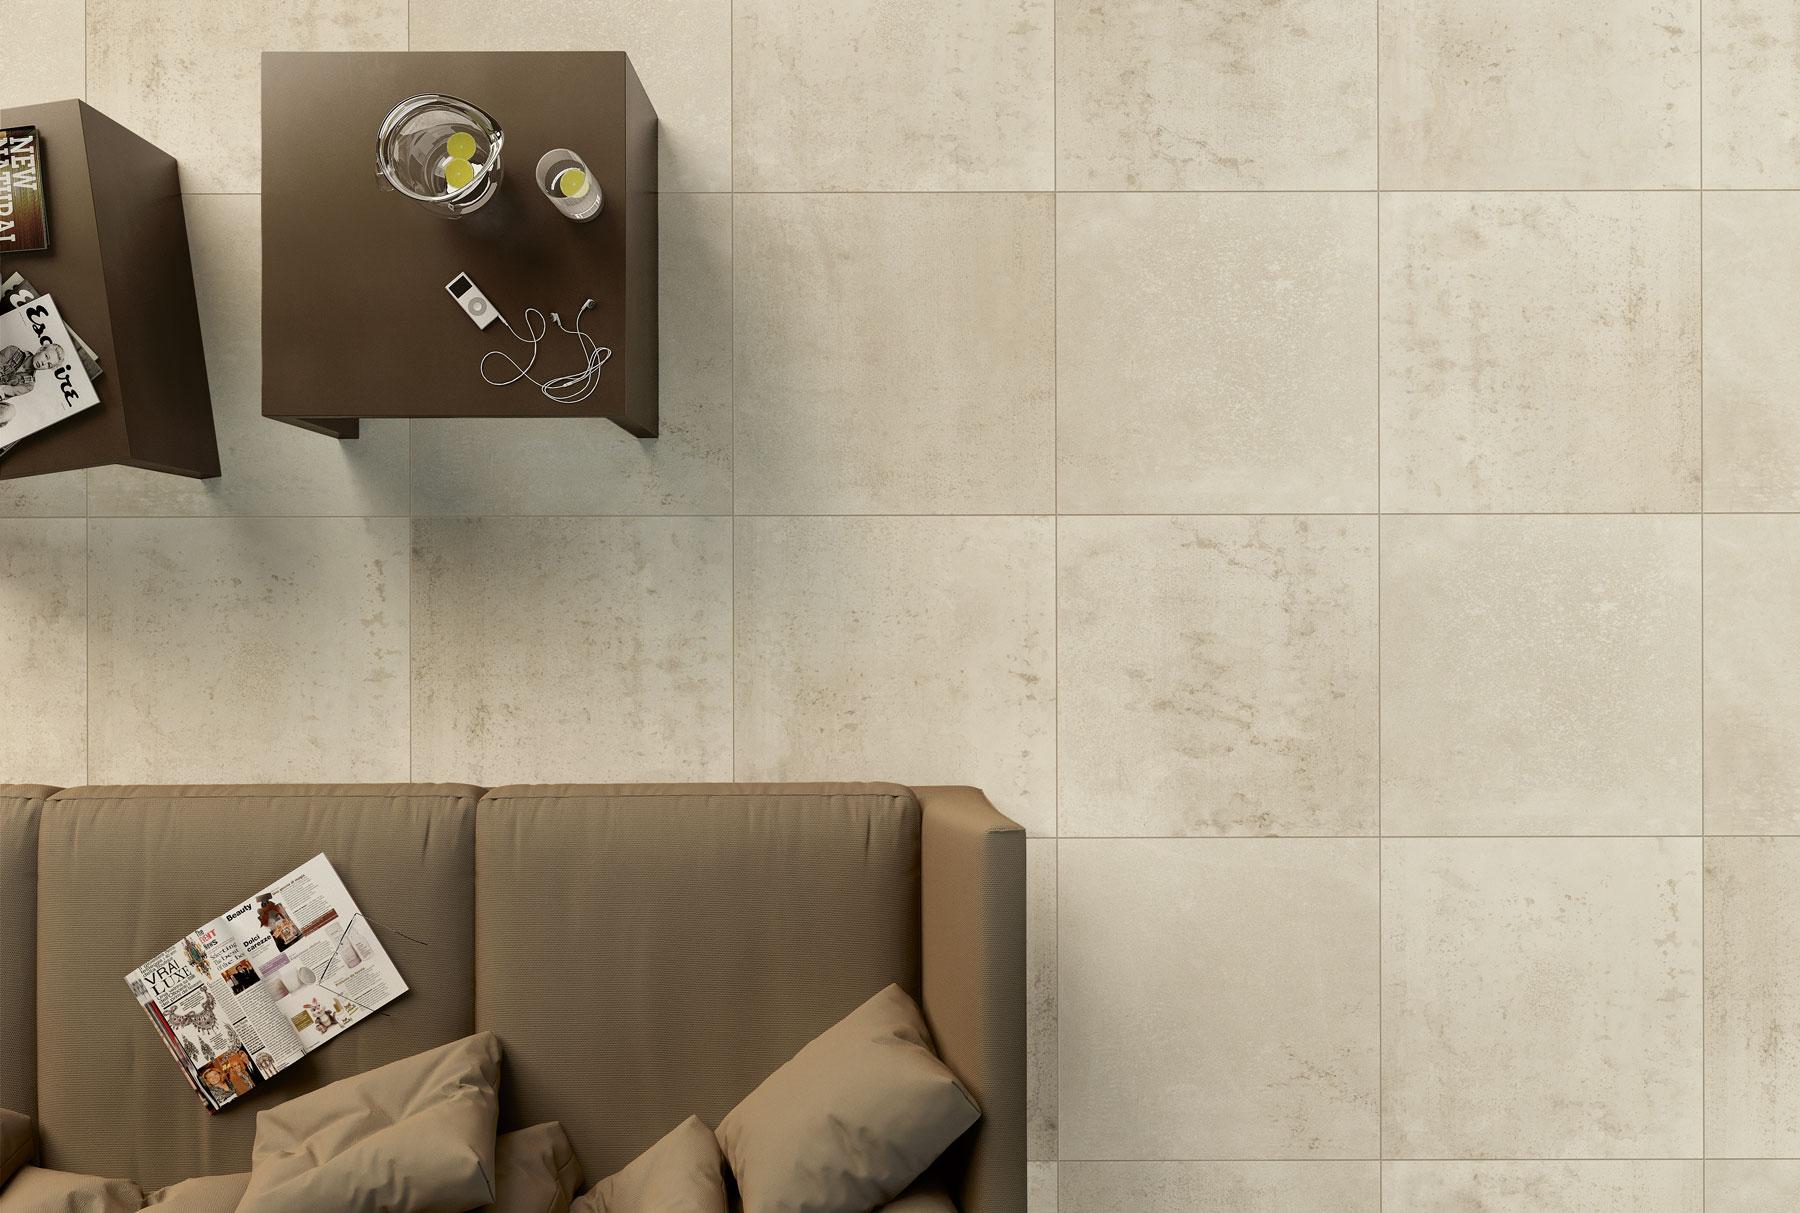 Pavimenti in gres porcellanato roma effetto legno e pietra delle migliori marche - Marche di piastrelle ...